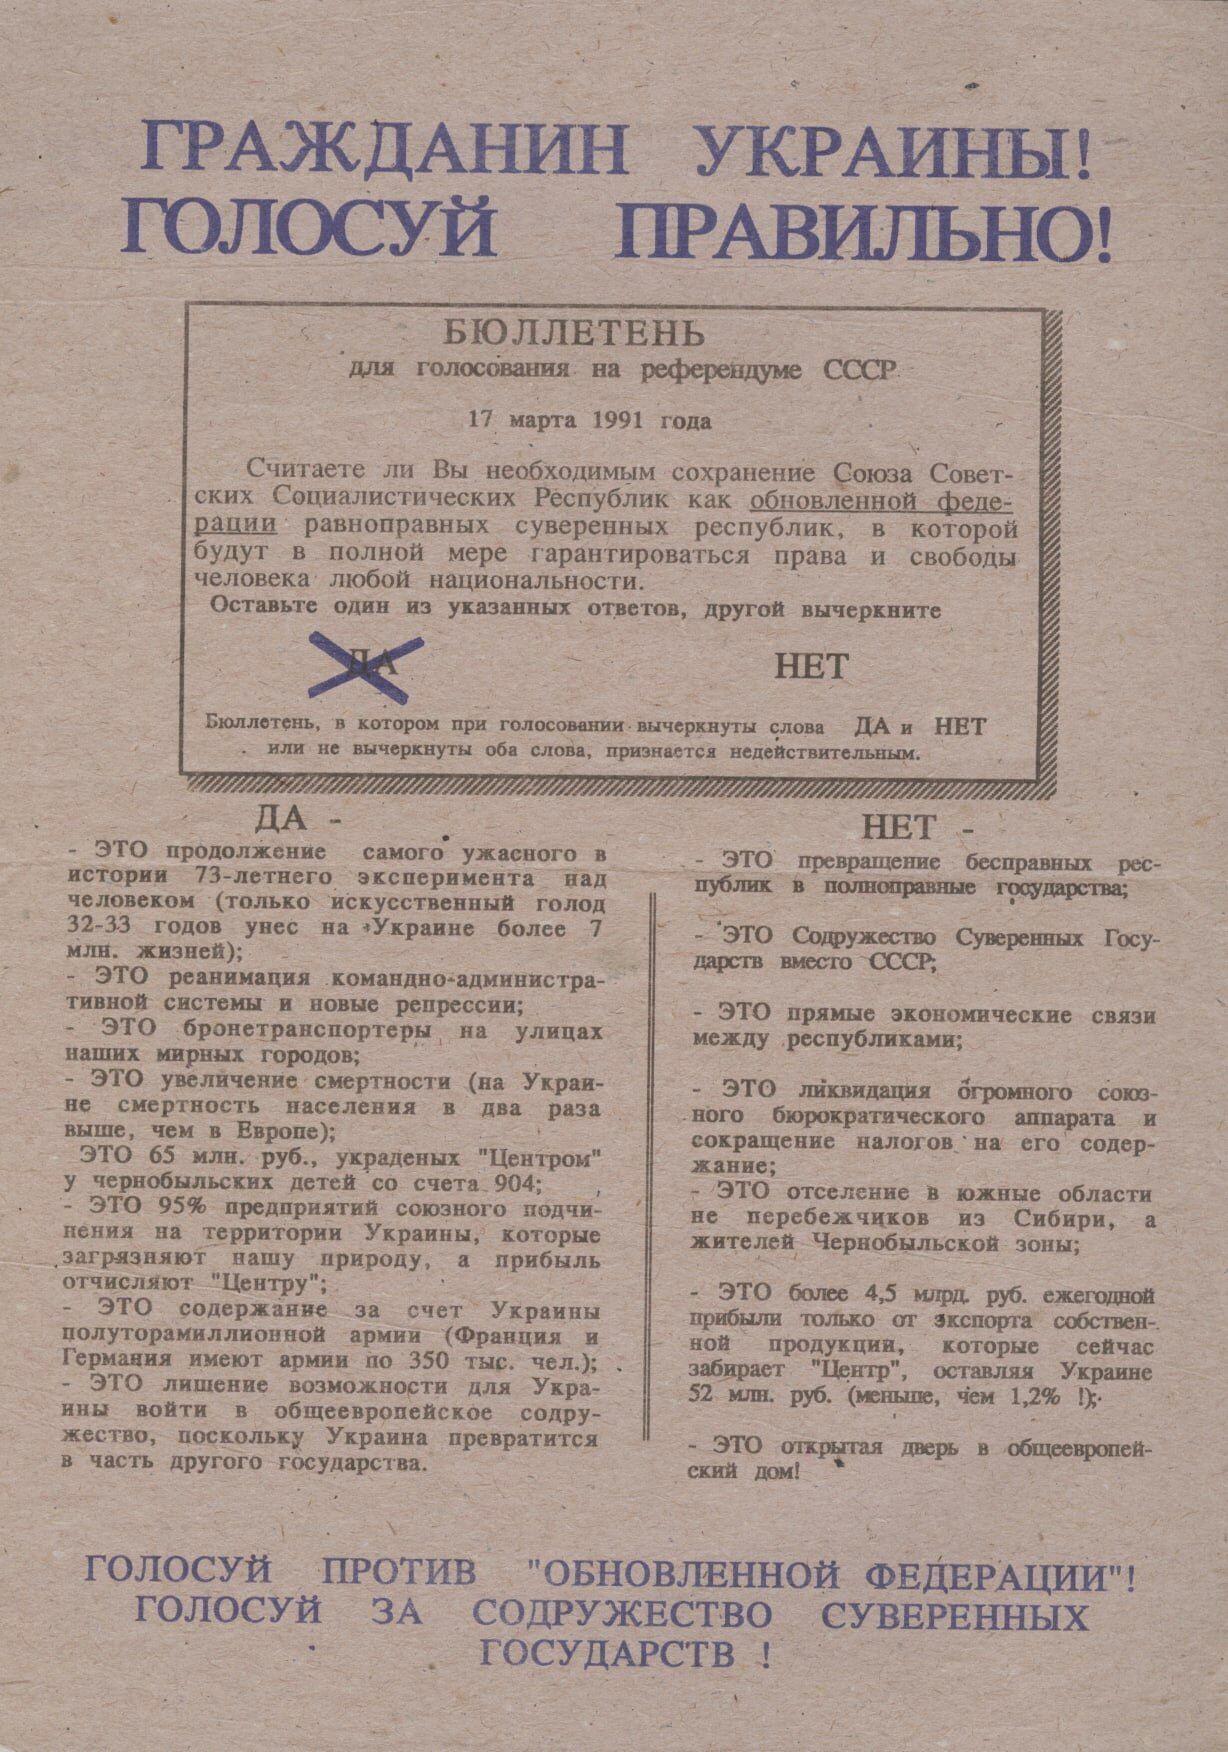 Агитка, в которой украинцев призвали проголосовать за содружество суверенных государств